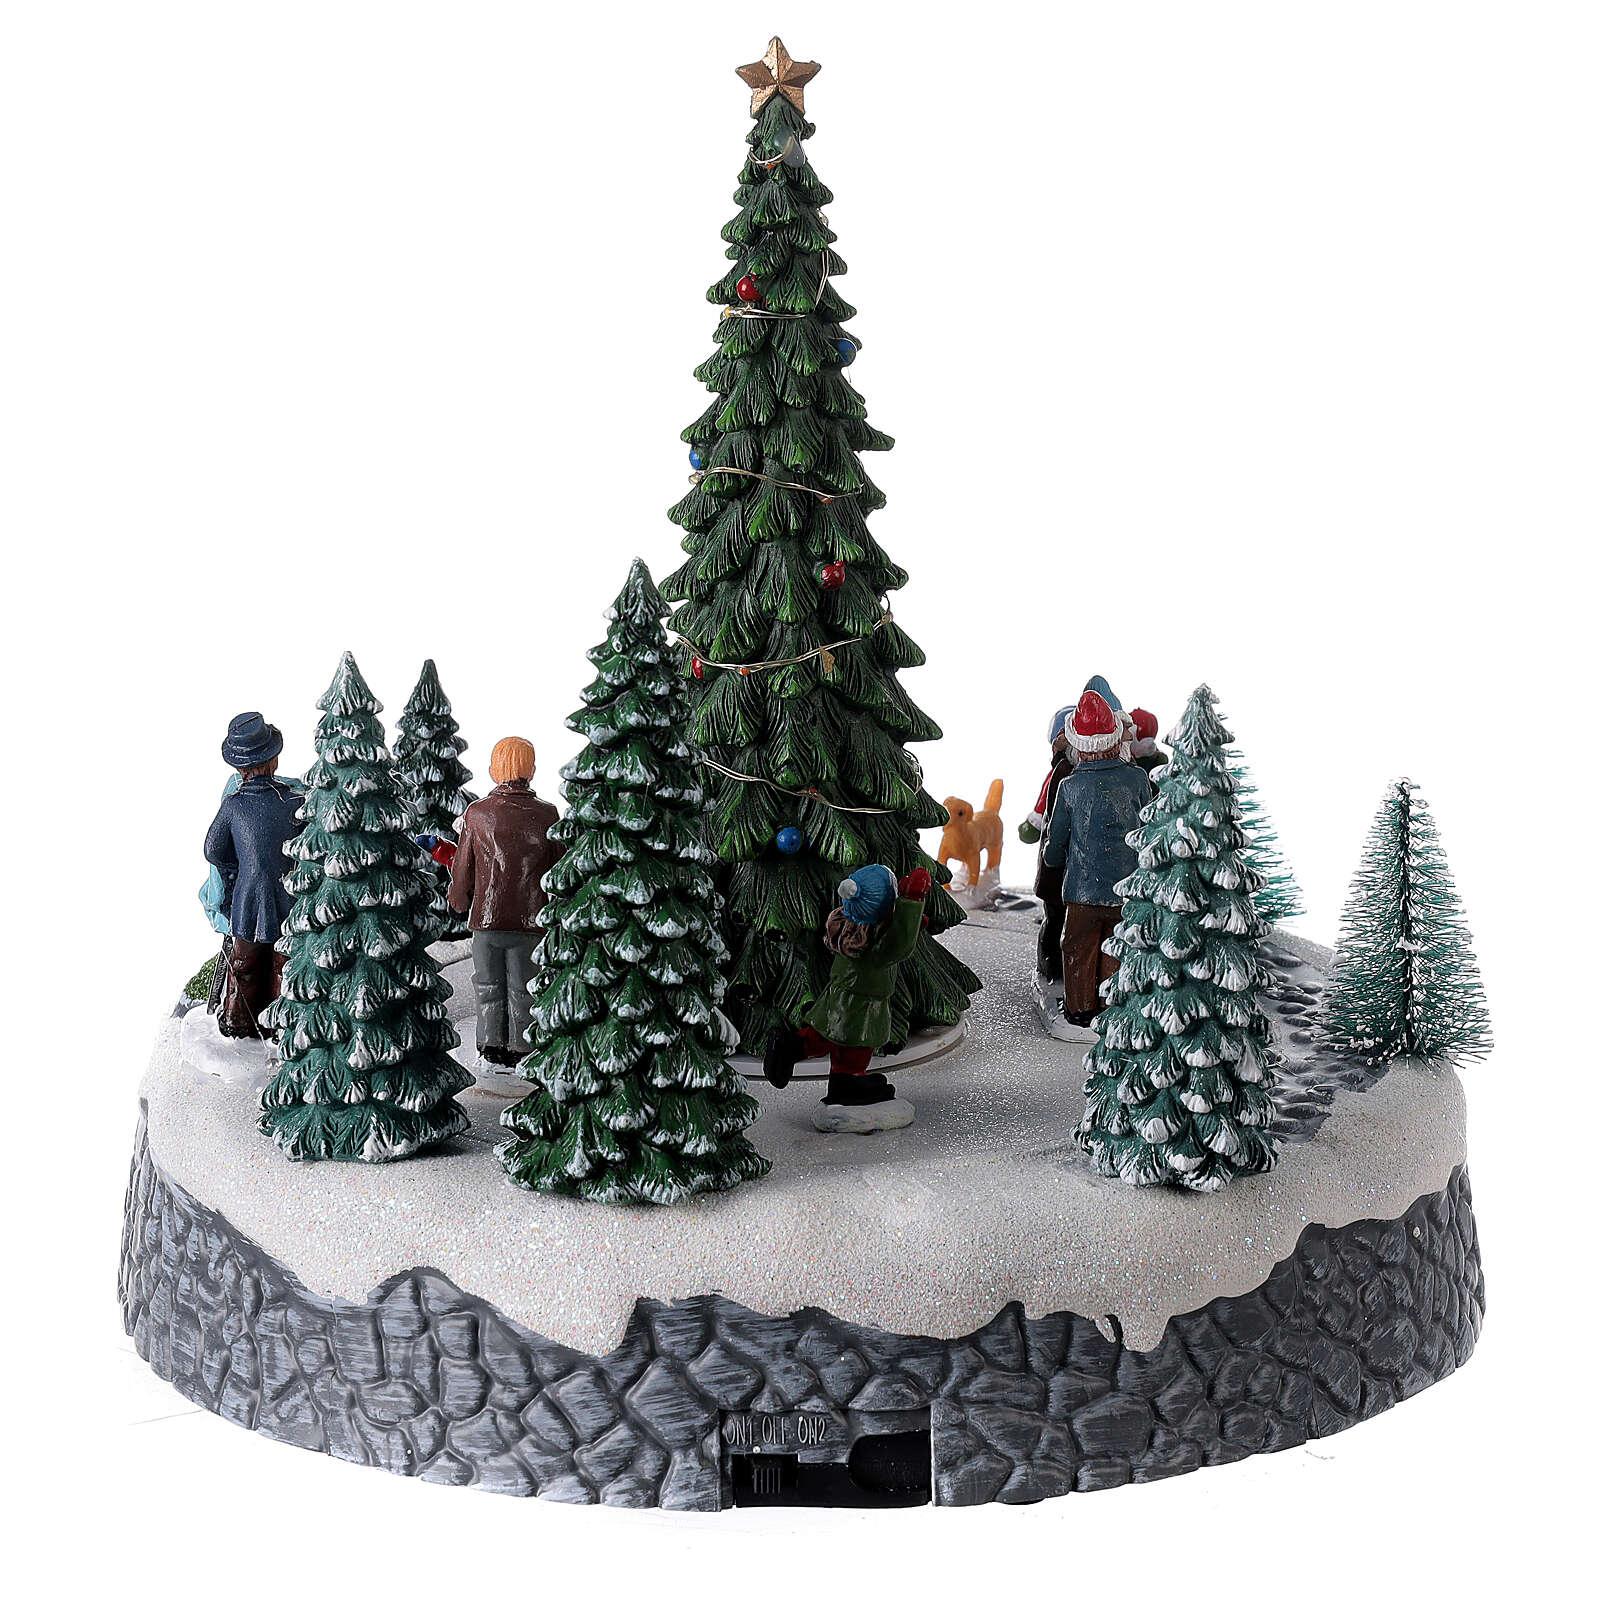 Villaggio luminoso pattinatori albero Natale LED musica 25x20x20 3